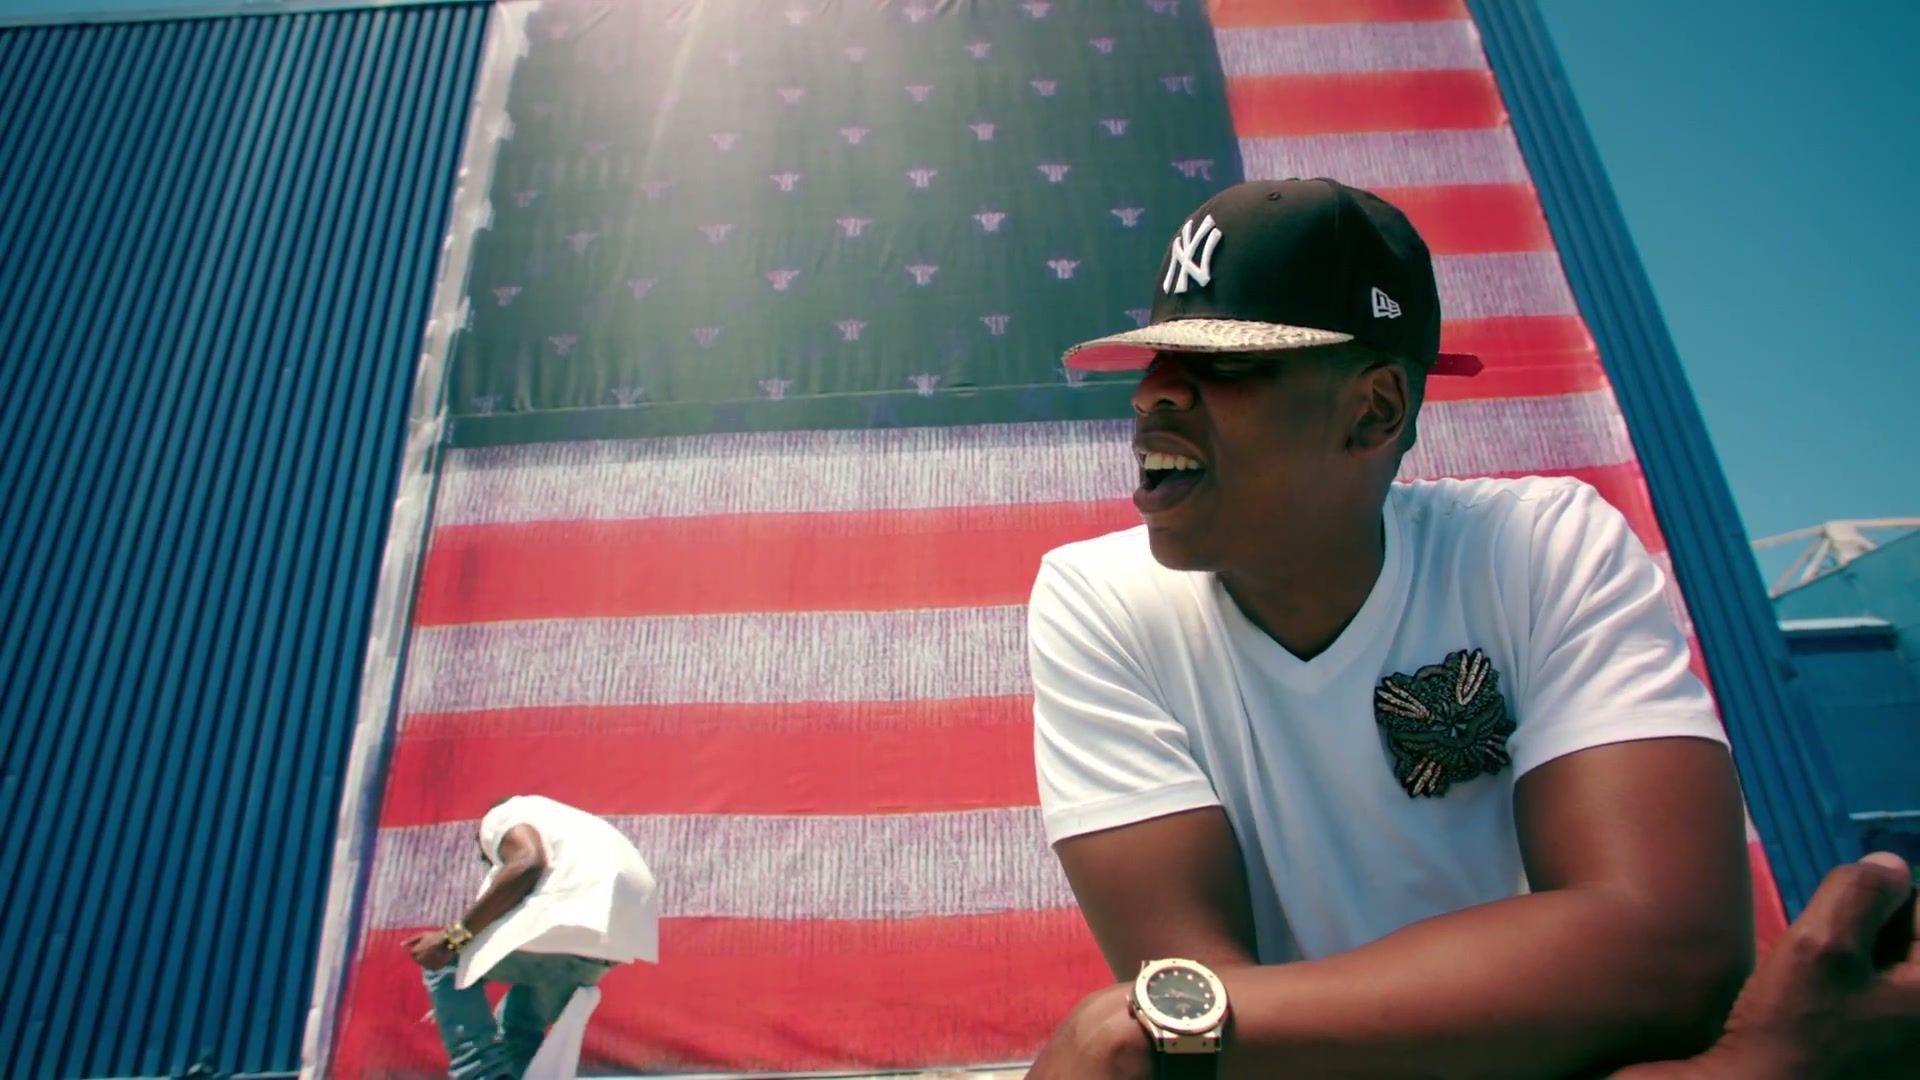 Wallpapers Kanye West Jay Z Otis Hd P X 1920x1080 Jay Z Kanye West Kanye West Otis Jay Z